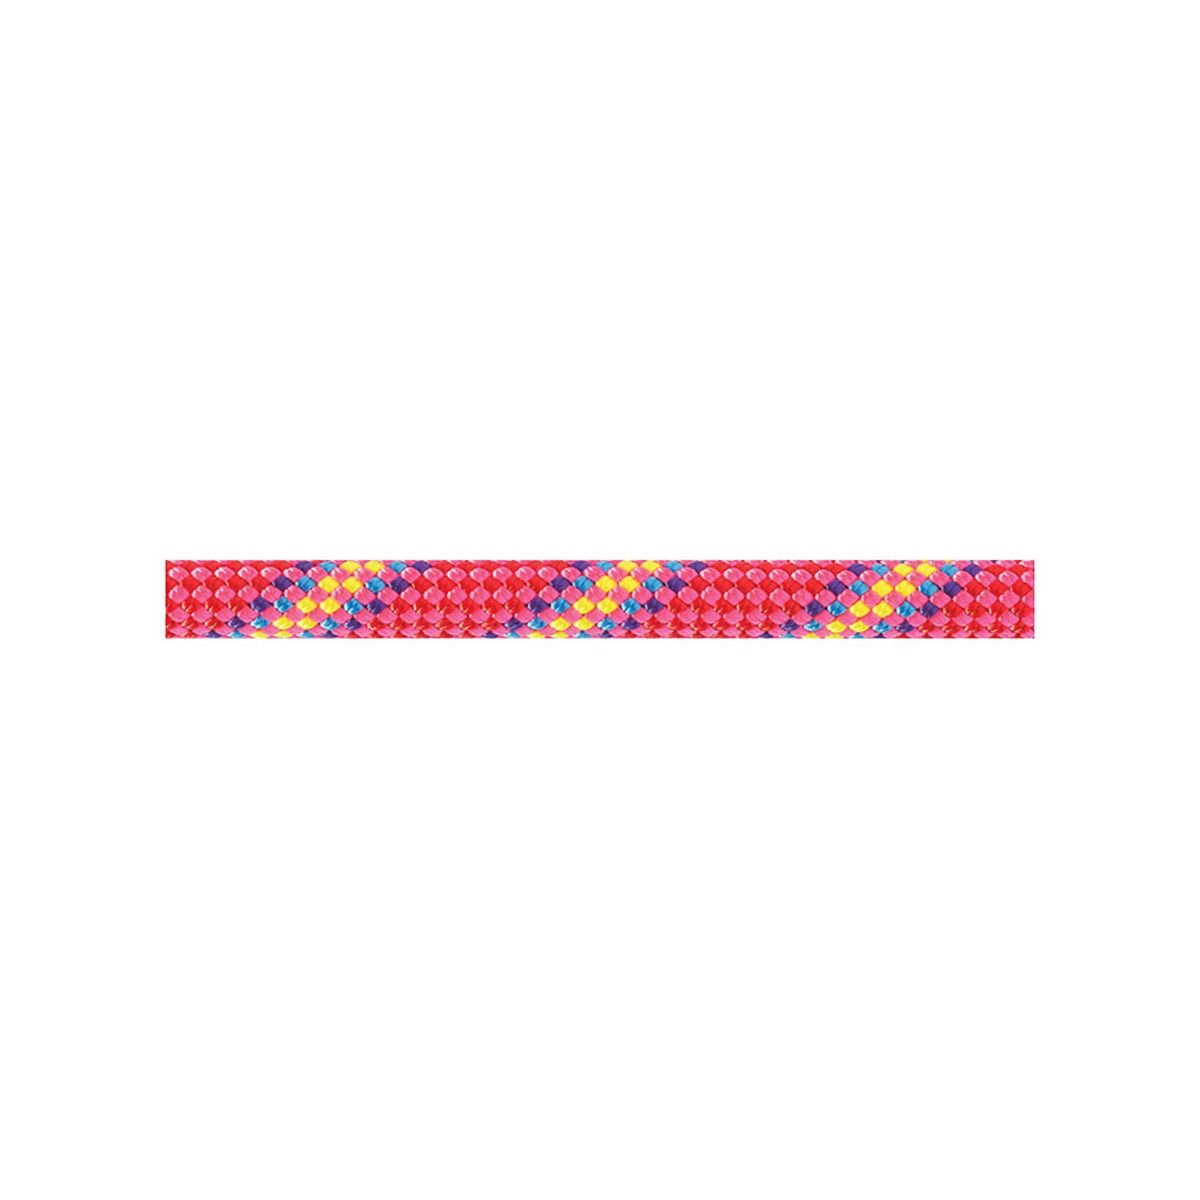 【日本未発売】 BEAL(ベアール) 10mm バイラス ピンク 60m BE11161 ピンク 10mm B01BO3Q1KE バイラス ピンク, ダーマカラーのブルーヘブン:4ff2abd5 --- a0267596.xsph.ru